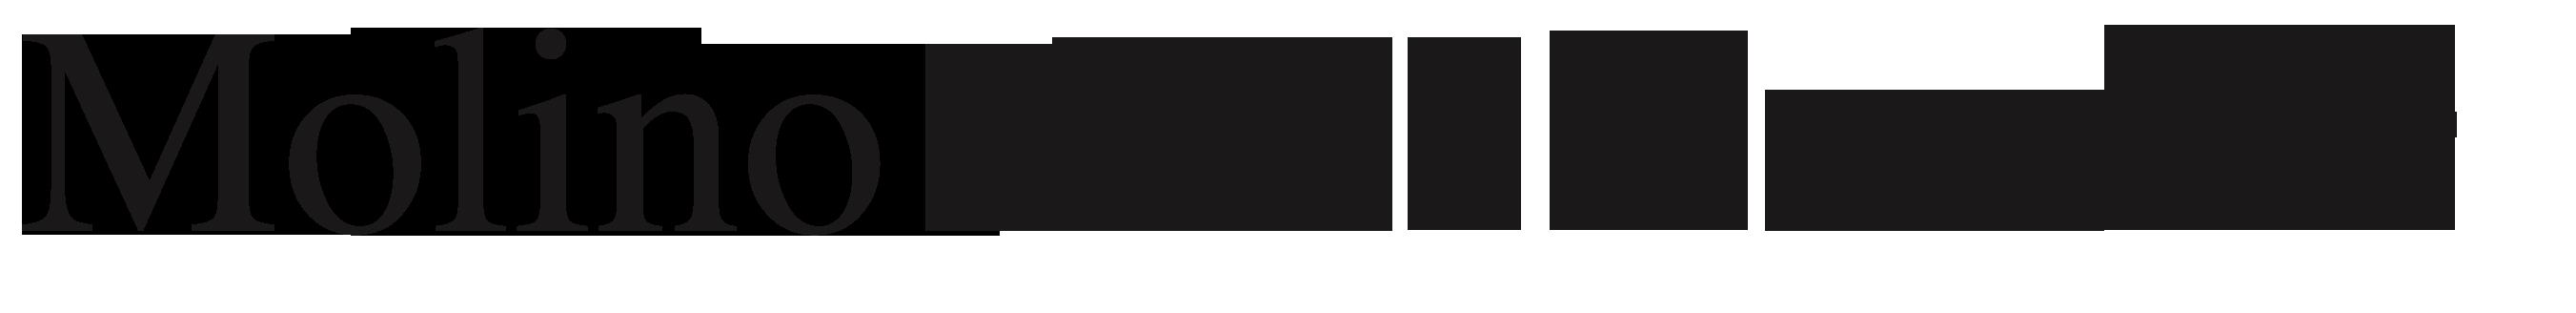 Molino della Doccia logo_1 riga